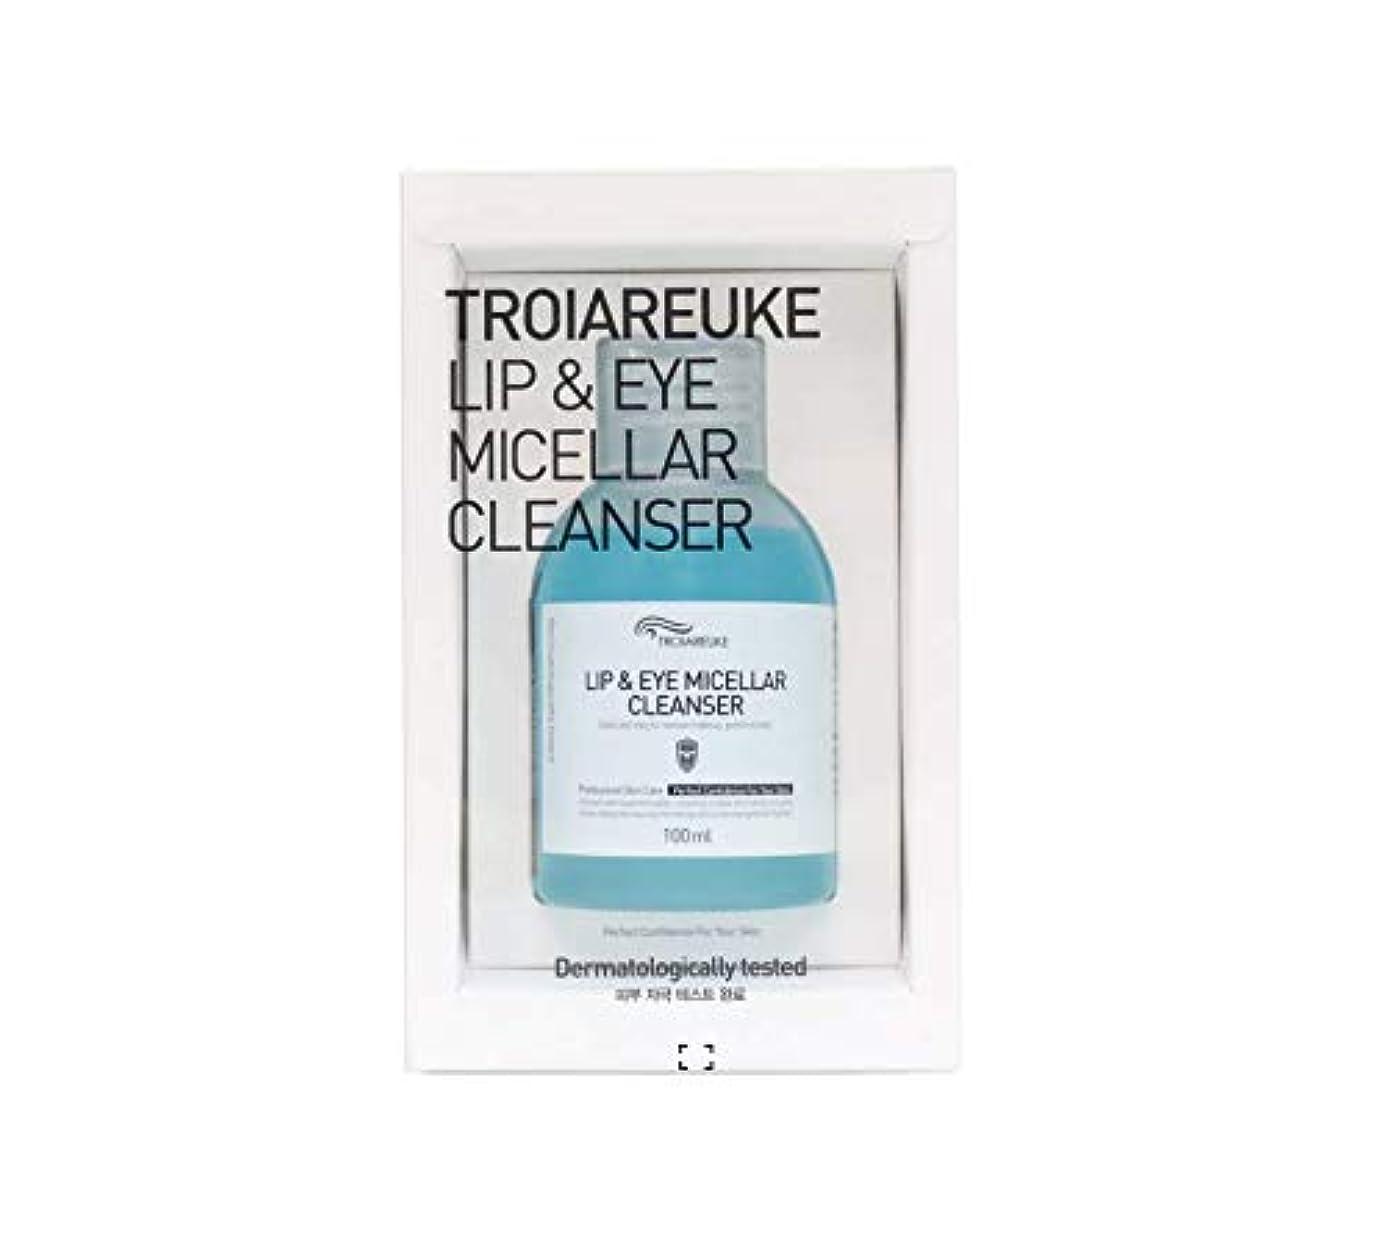 滑りやすい傑作たらいTROIAREUKE (トロイアルケ) リップ & アイ ミセラー クレンザー / Lip & Eye Micellar Cleanser (100ml) [並行輸入品]